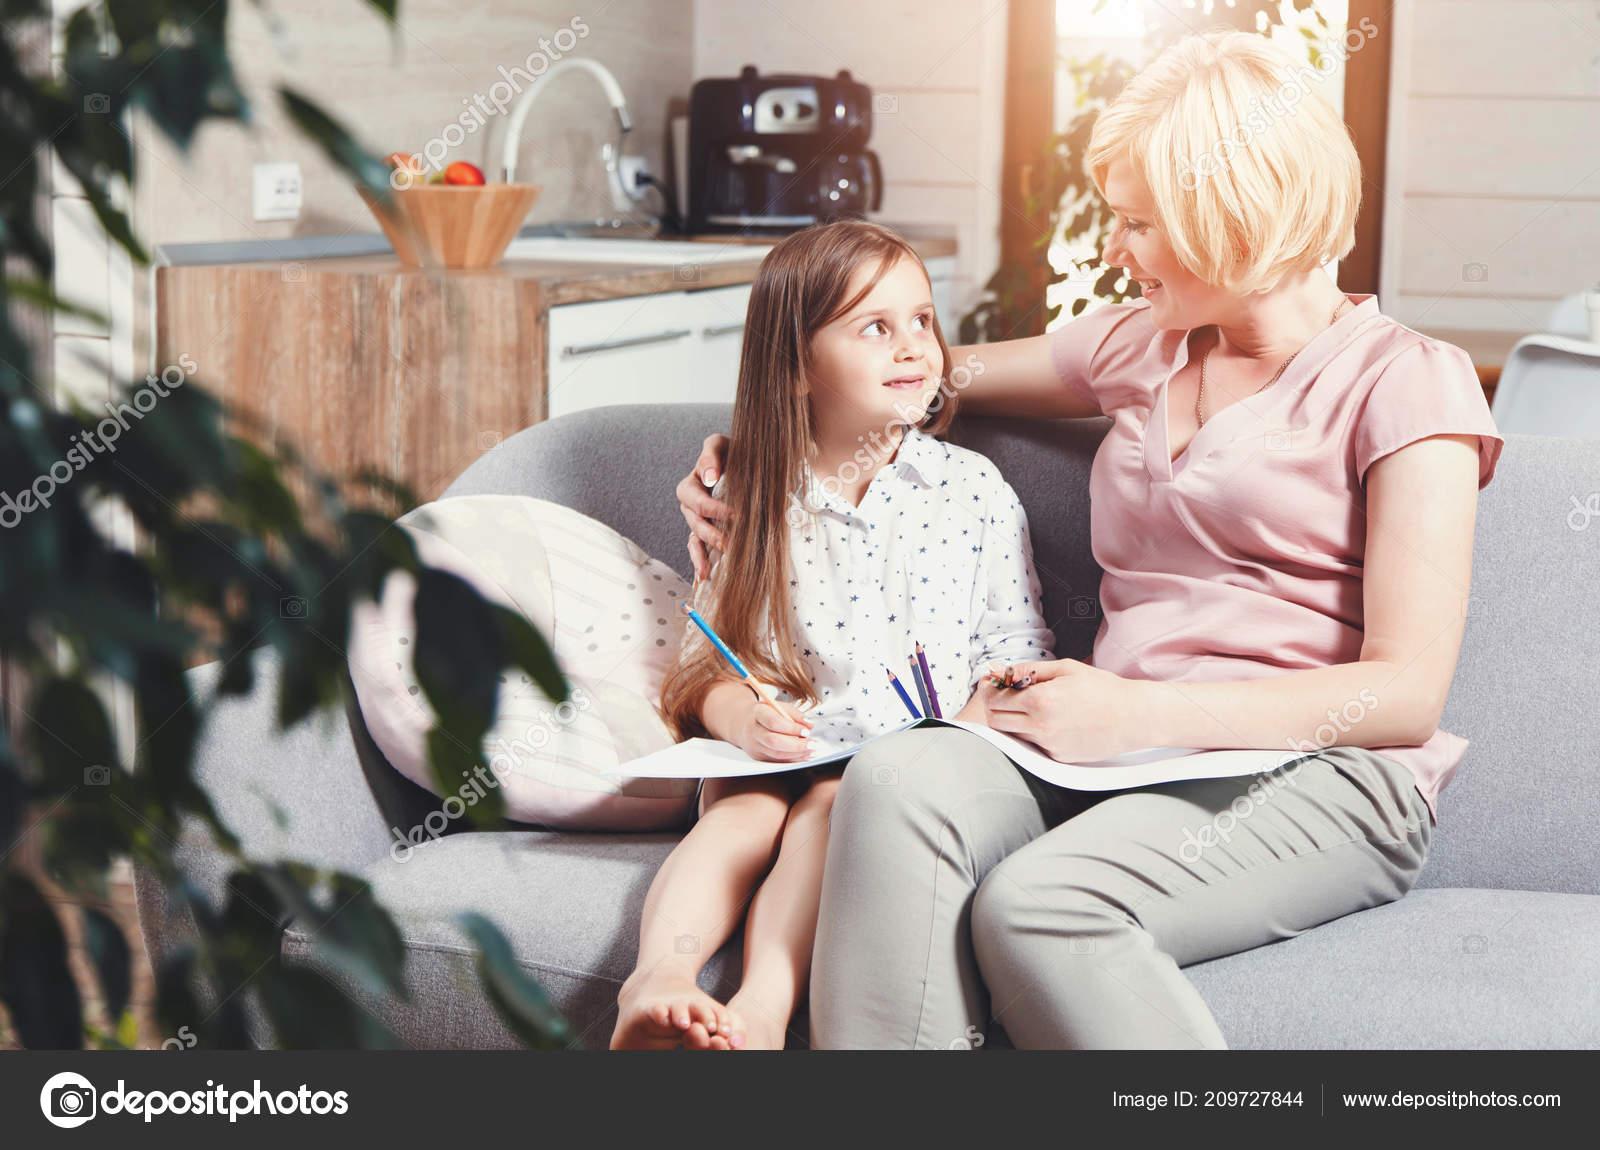 Фото мамы и дочки без лица, Мамы и дочки (19 фото) 21 фотография